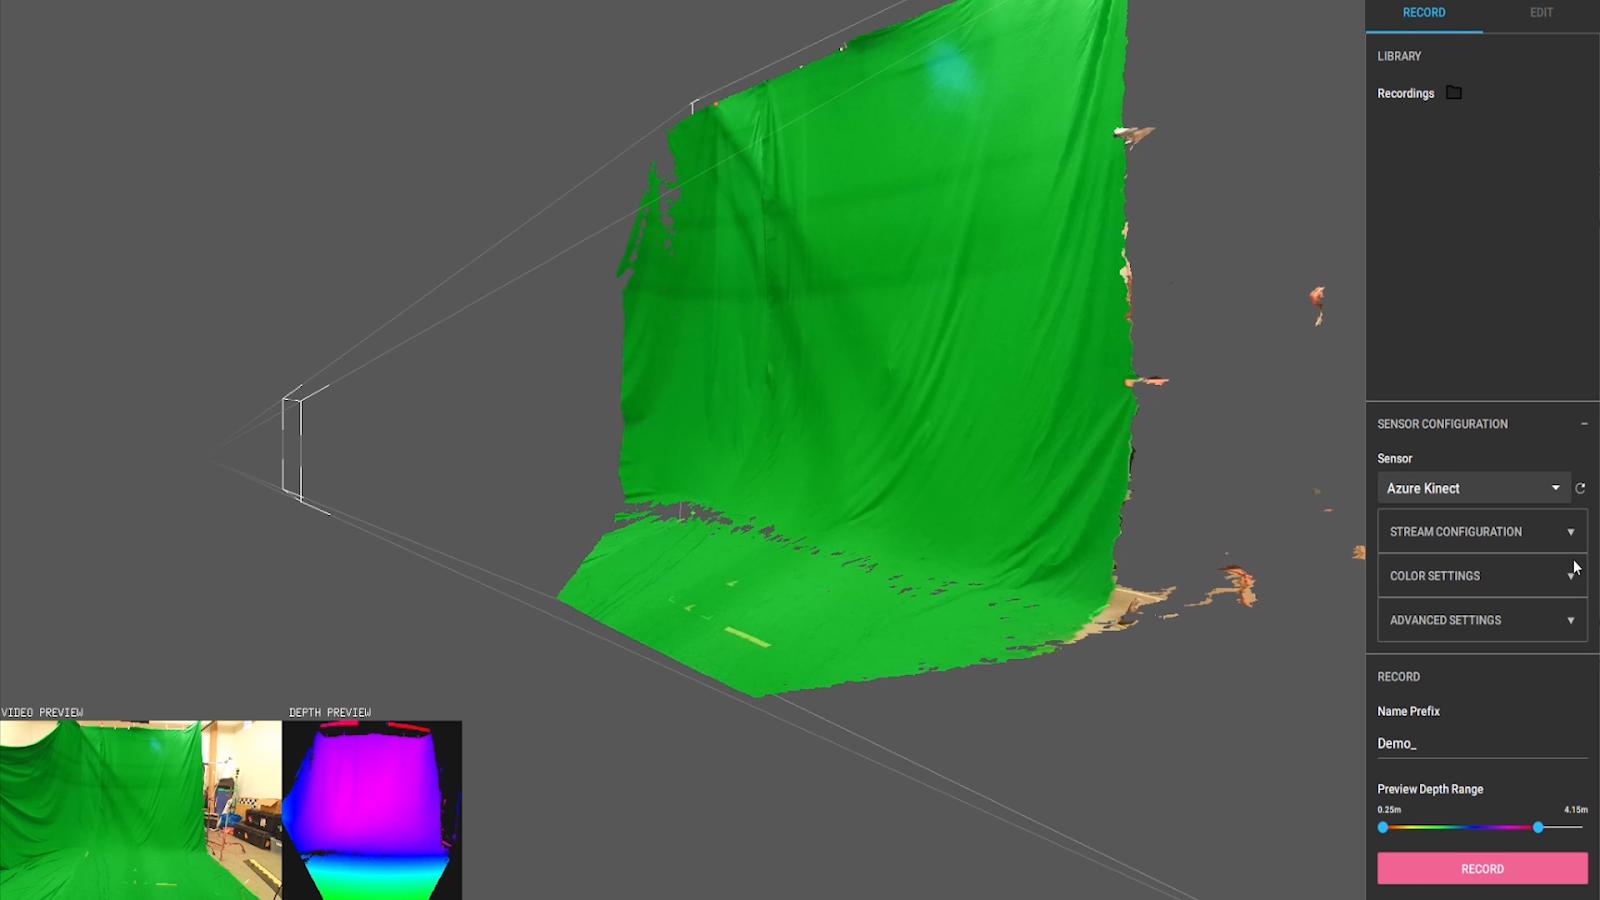 Sensor Capture + Azure Kinect + Refinement Workflow